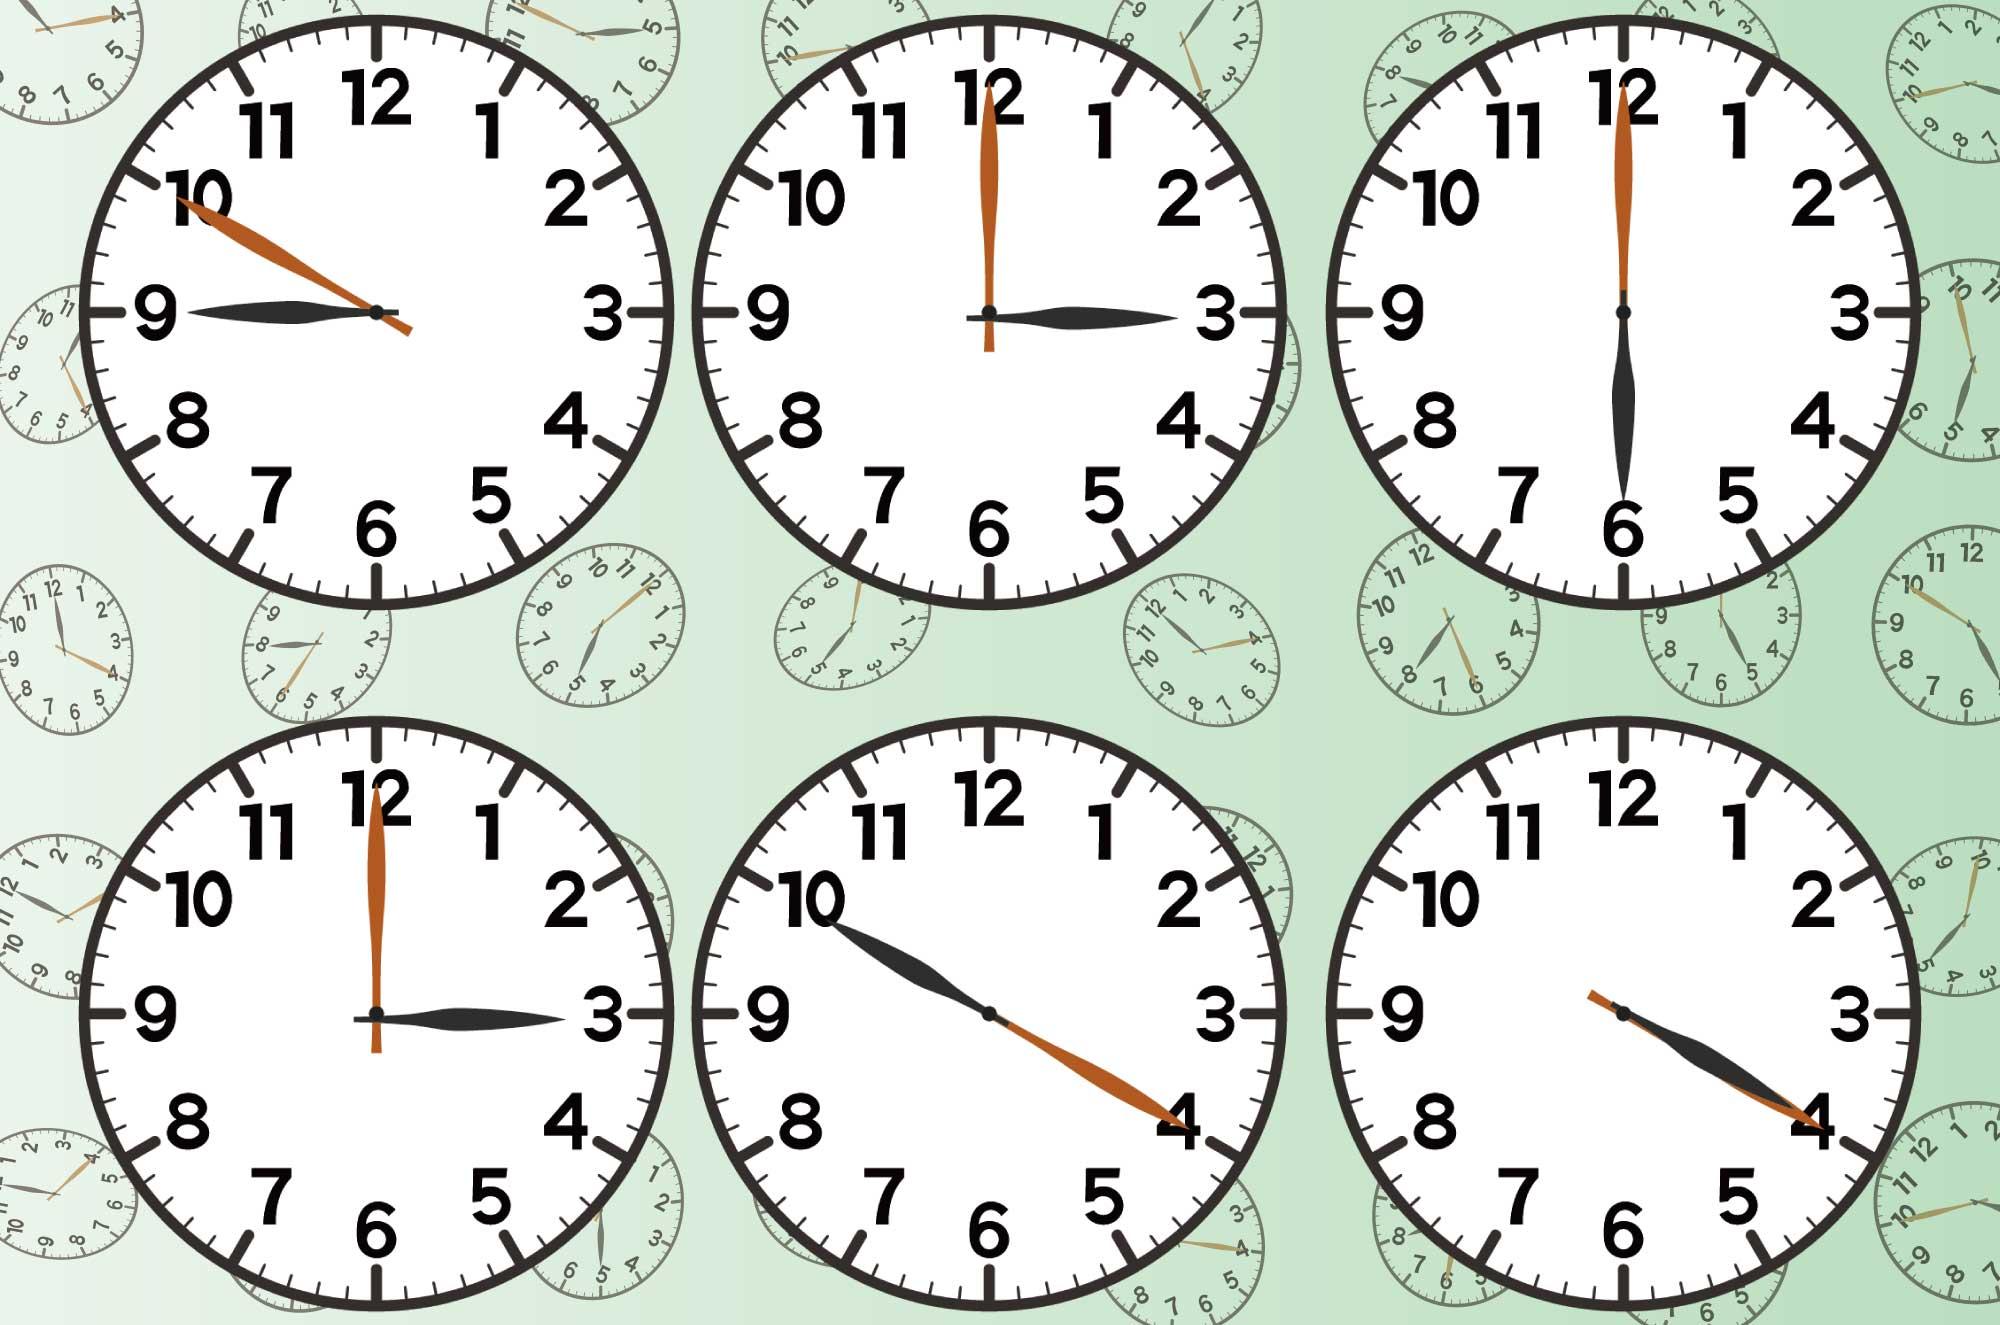 時計のイラスト - 5分刻み時間表示に使える無料素材